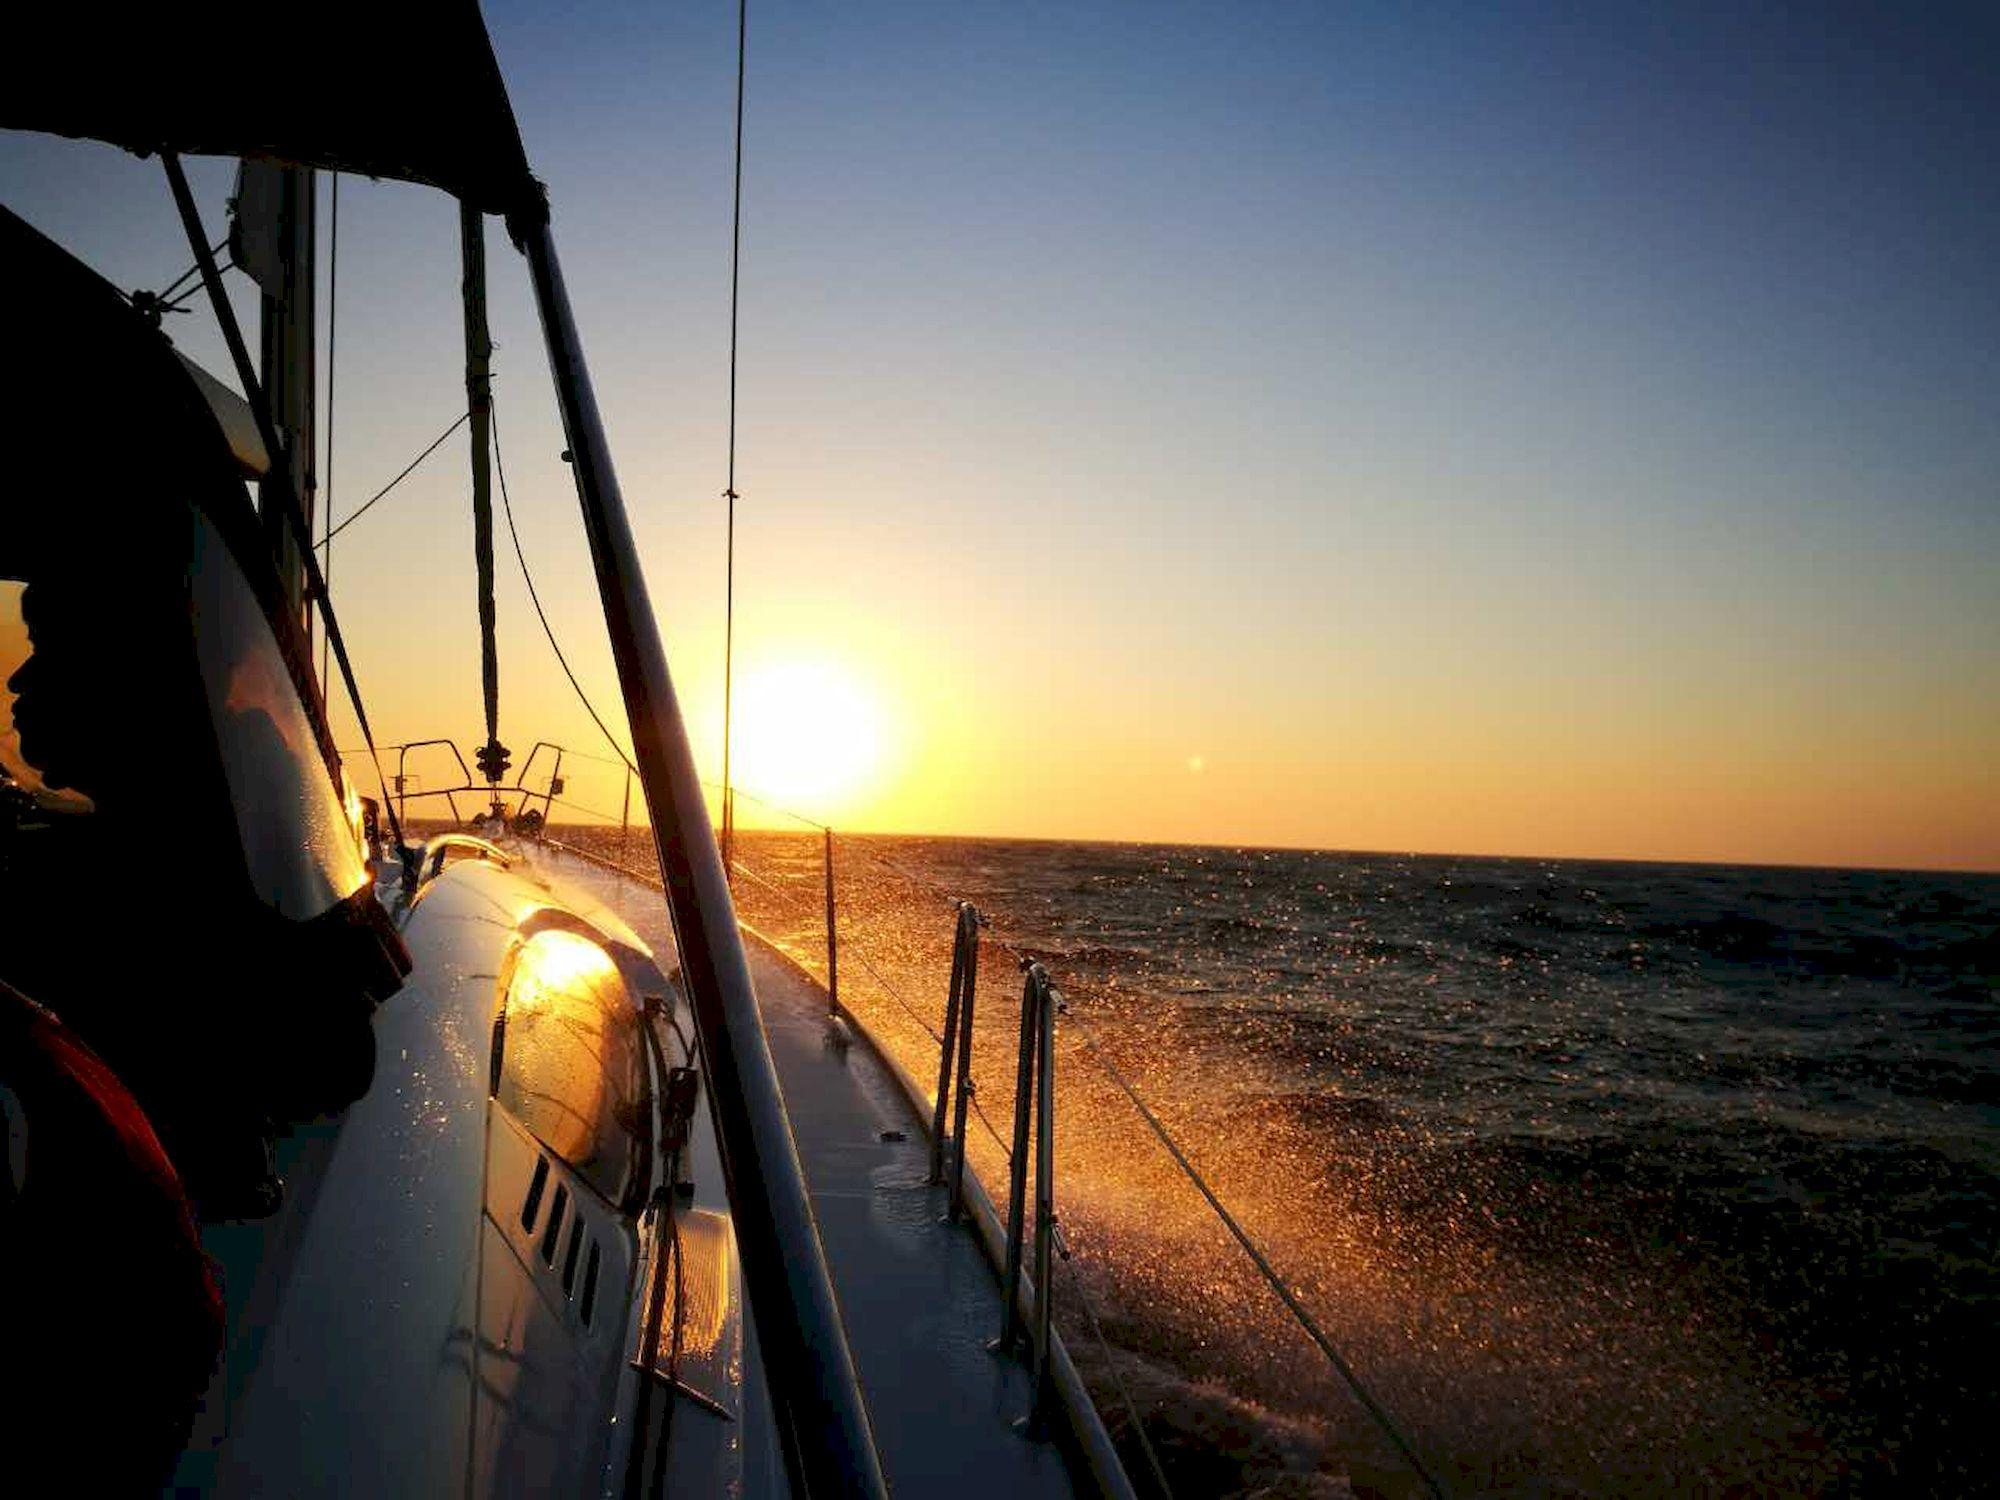 新西兰,跆拳道,俱乐部,拉力赛,青岛 向着太阳升起的地方出发:记第一次跨国远航-千航帆船-51航海网队-2016威海仁川 030-IMG_3579_千帆俱乐部我要航海网帆船队-2016威海-仁川国际帆船赛.JPG